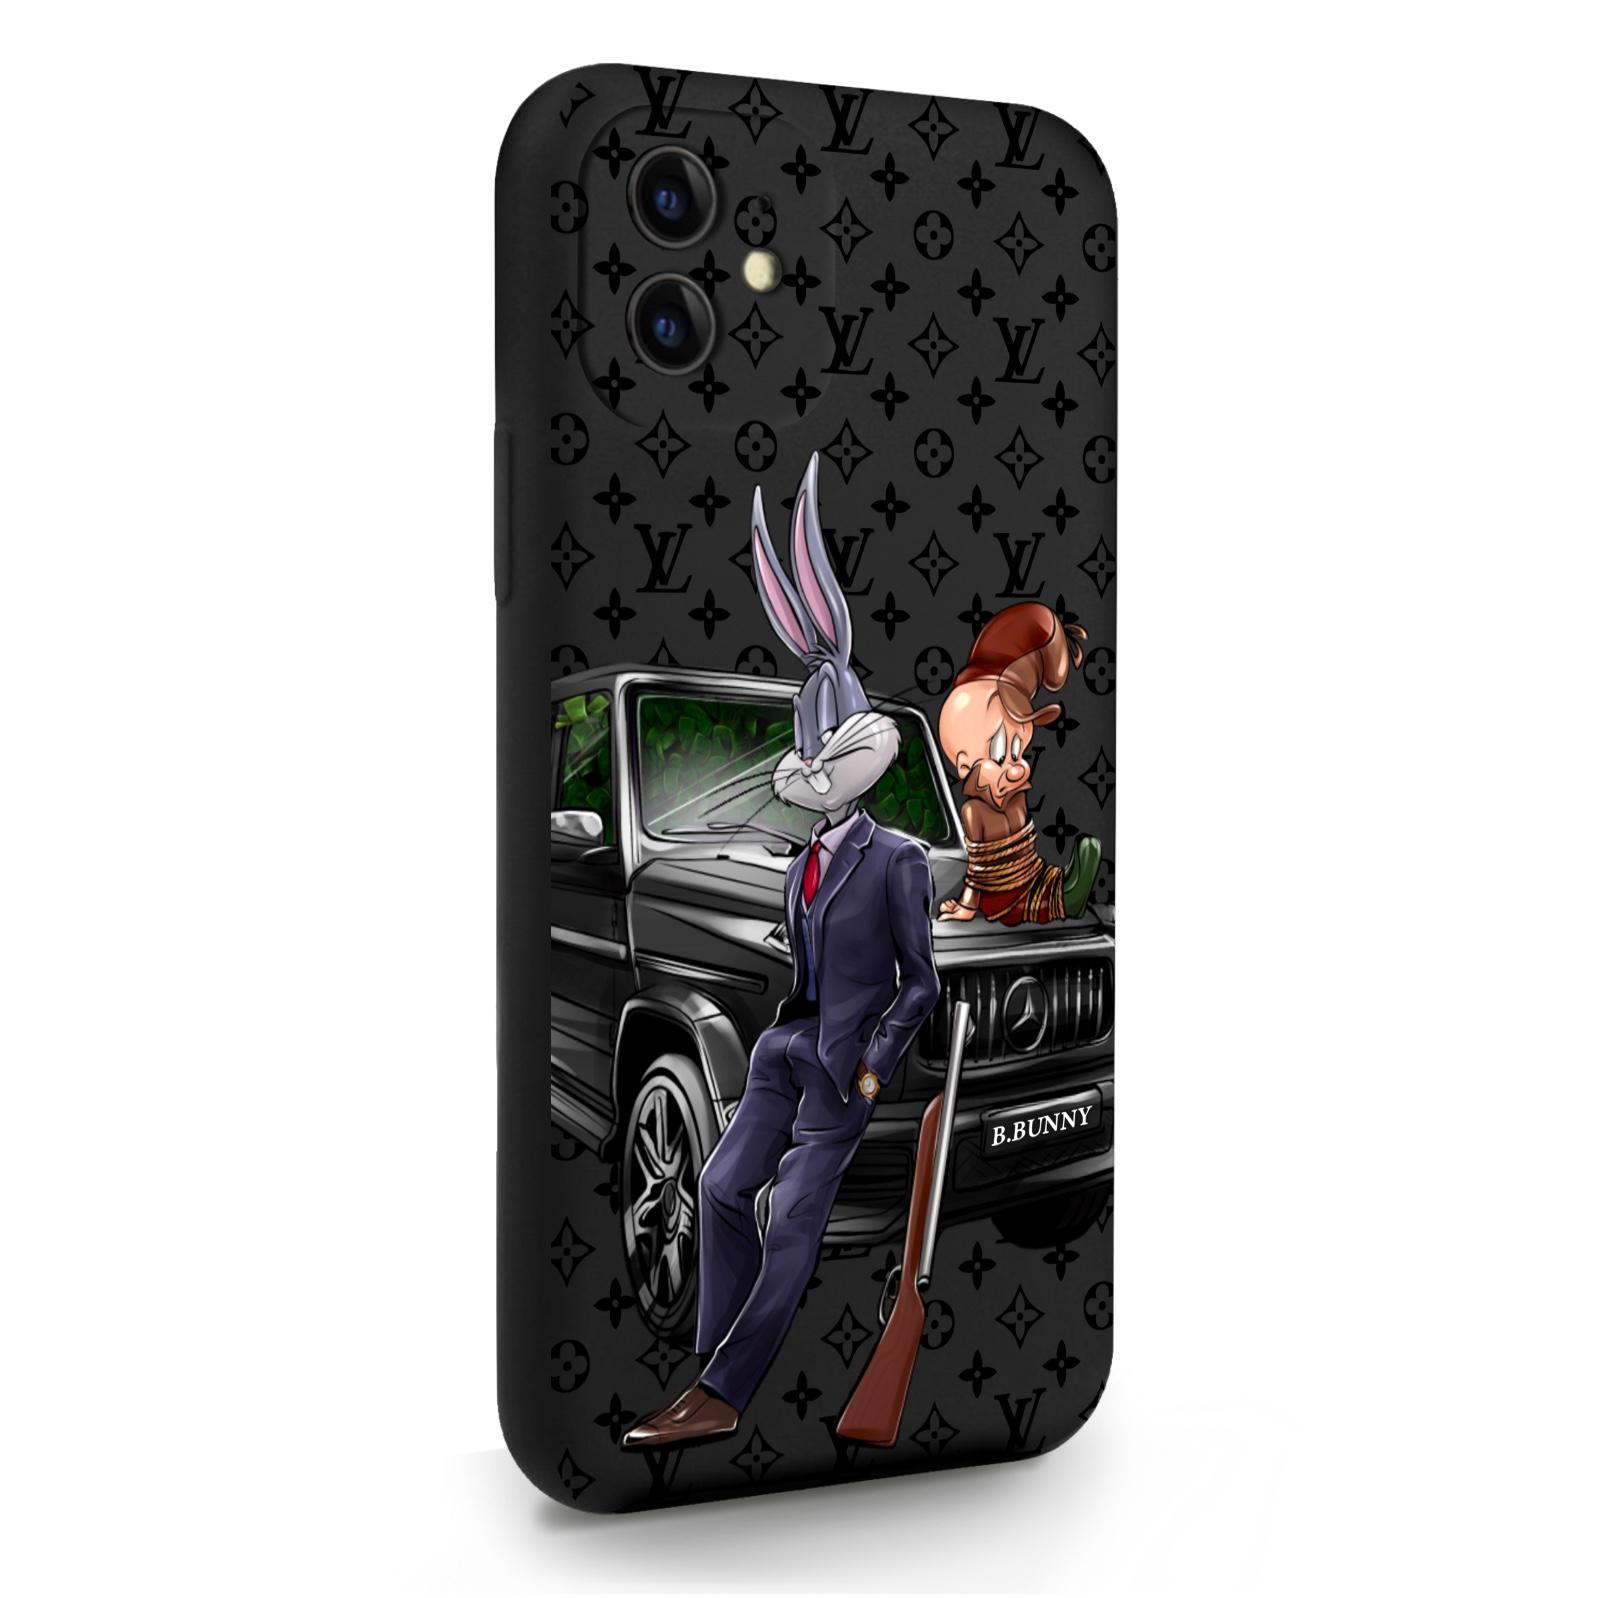 Черный силиконовый чехол для iPhone 11 Мистер Богатый Заяц Бизнес/ Mr. Rich Bunny Business для Айфон 11